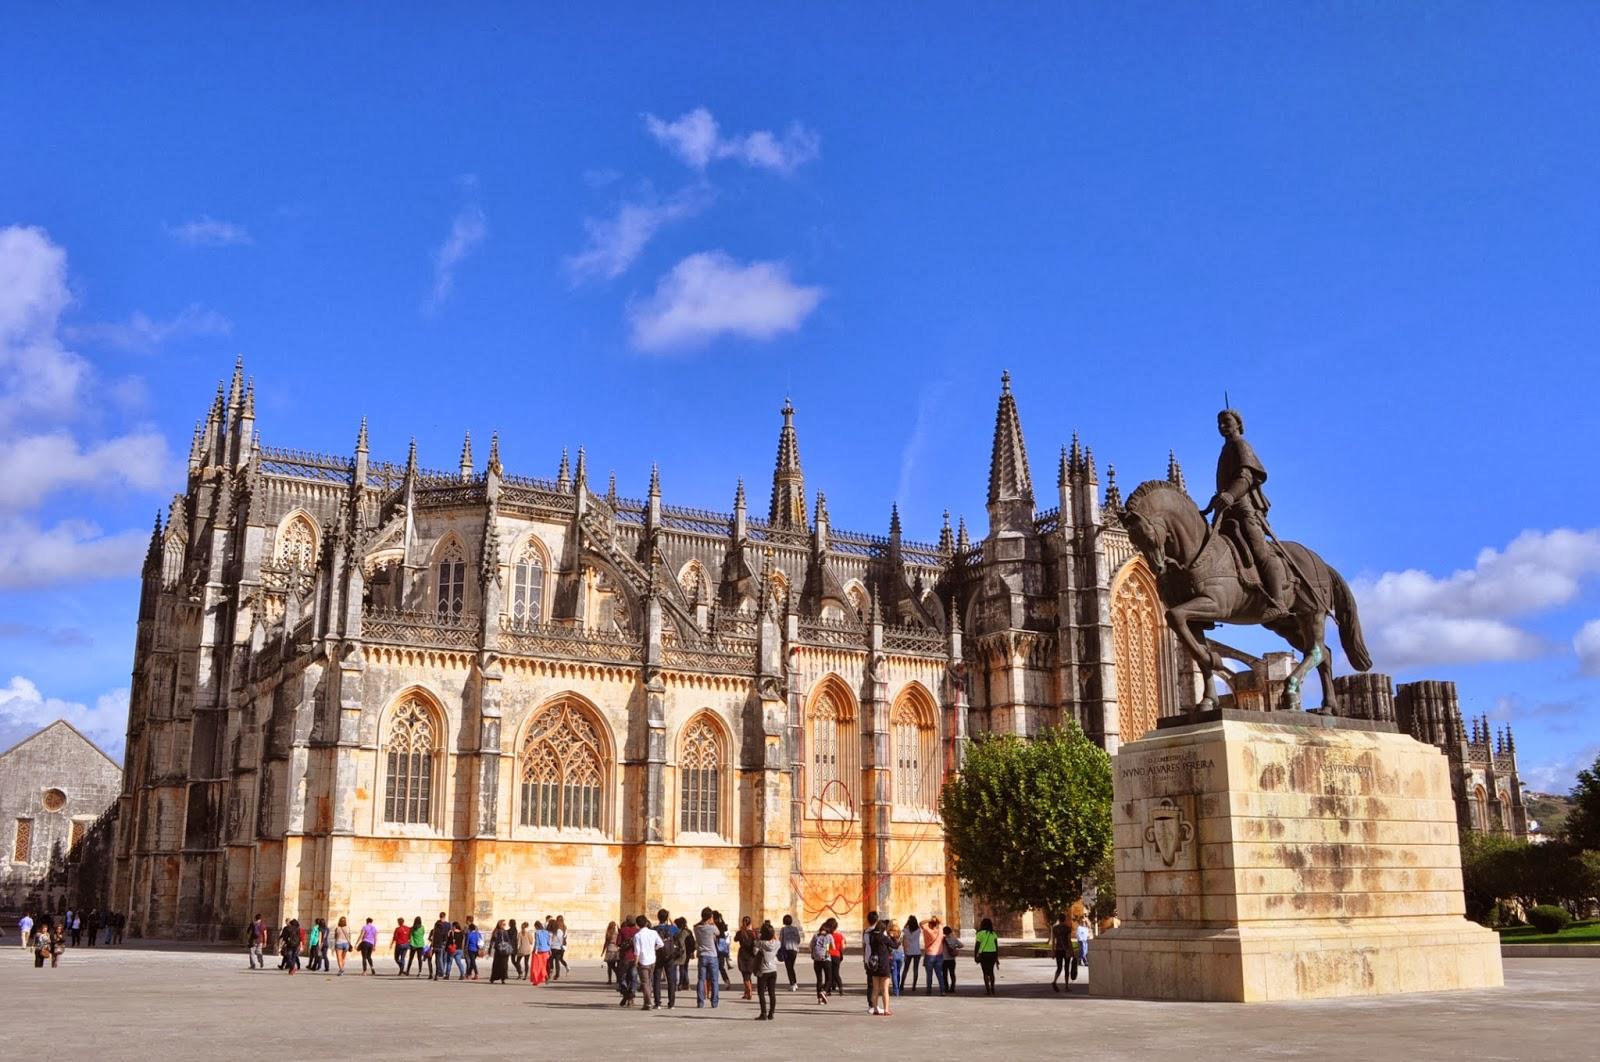 В градчето Баталя се намира манастирът Санта Мария да Виктория - едно от чудесата на готическата архитектура.